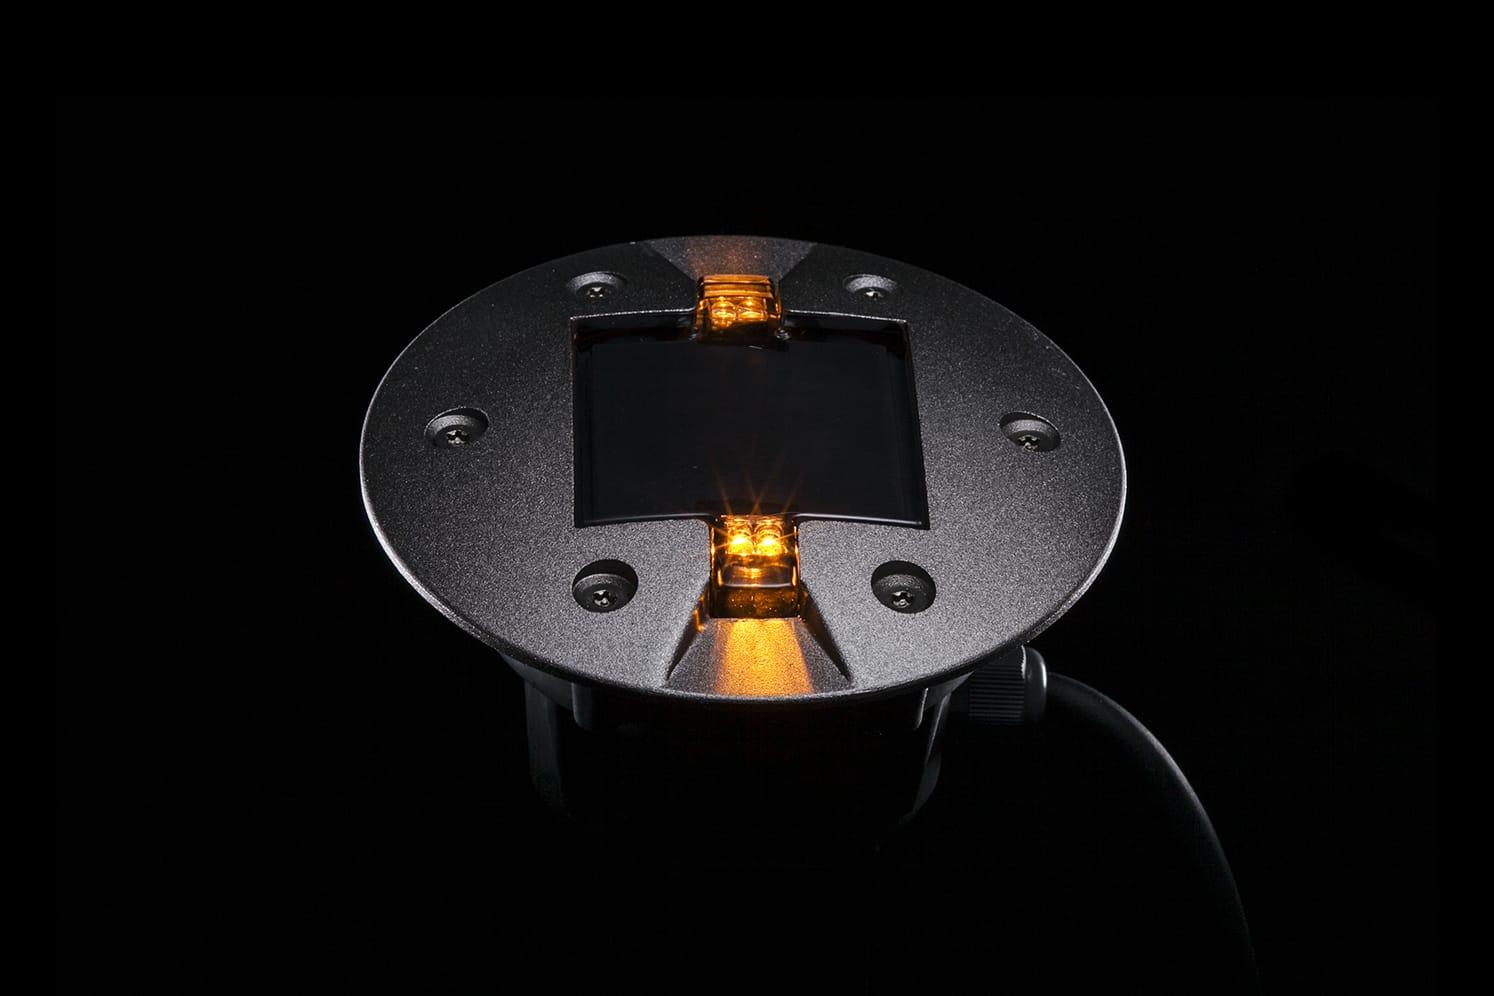 Plot LED routier ambre pour piste cyclable, voirie. ECO-843 : balisage lumineux à faible consommation énergétique adapté au passage régulier de véhicules lourds.